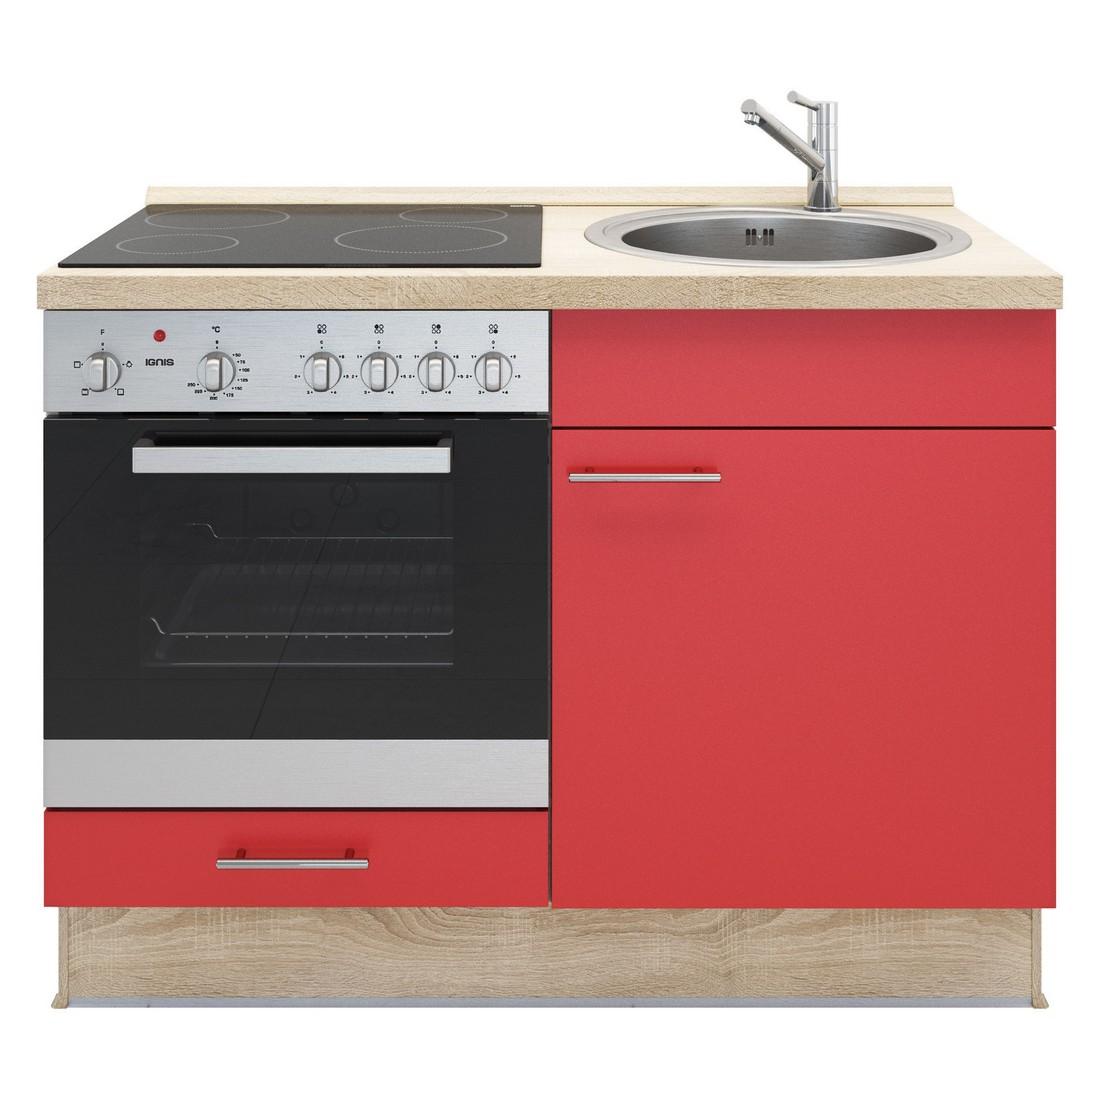 Kochschrank Basic – mit Edelstahlspüle – Glaskeramik Kochfeld und Backofen – Rot – Ausrichtung Links, Kiveda jetzt bestellen